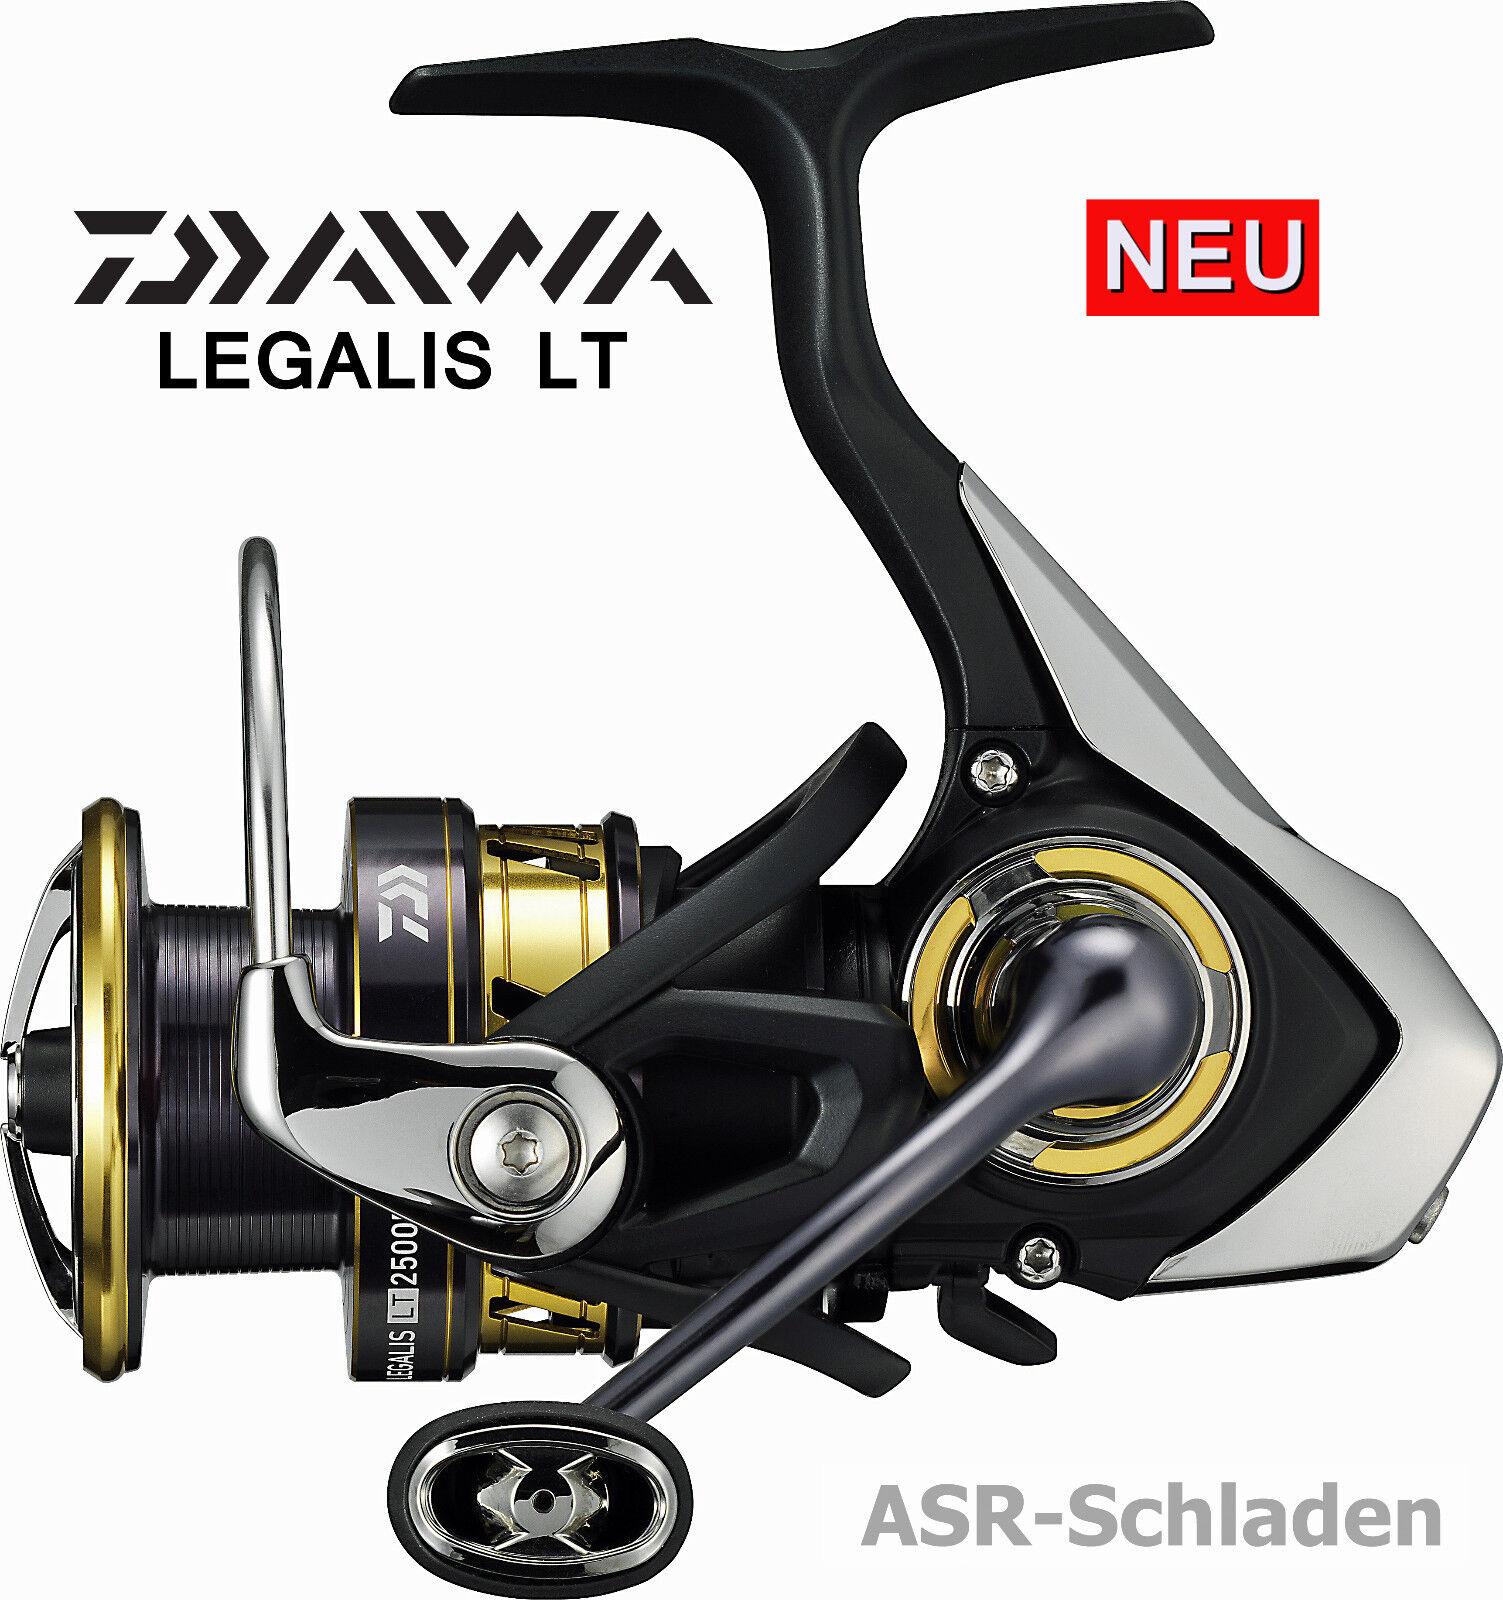 Daiwa Legalis LT - Neues LT Konzept - Leichte Spinrolle mit Air Rotor - Neu 2017